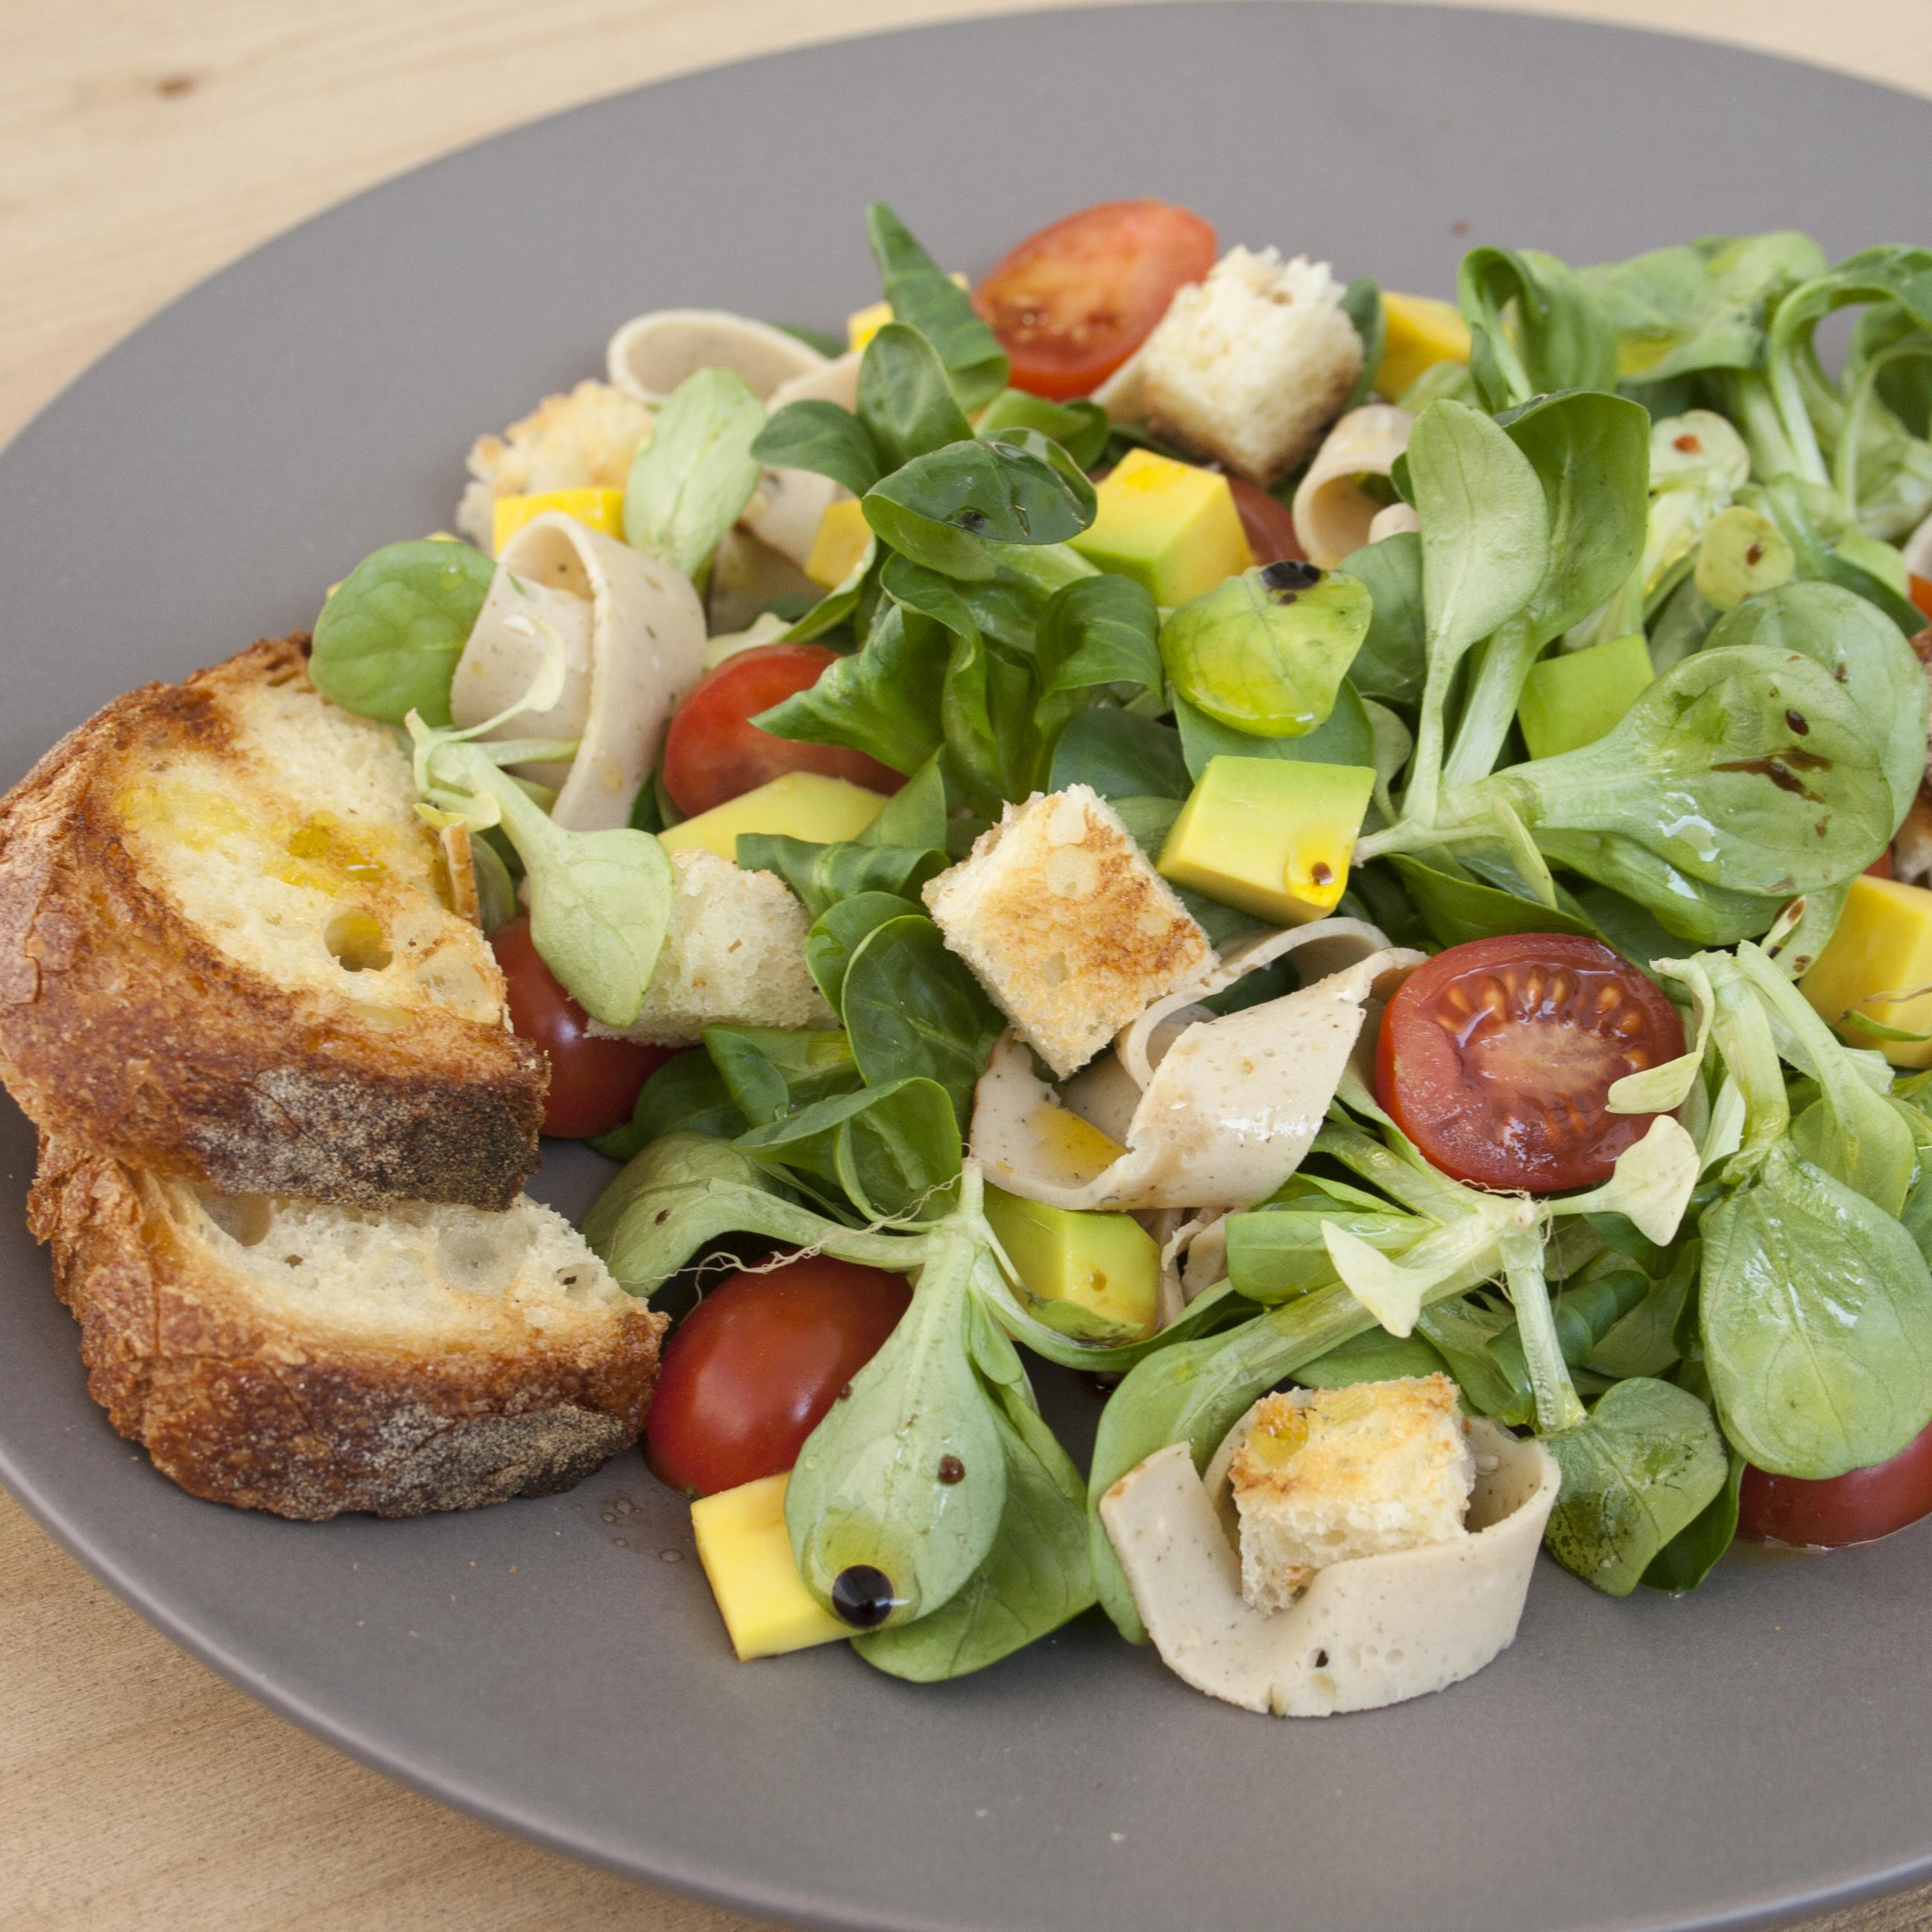 insalata mista con affettato di tacchino